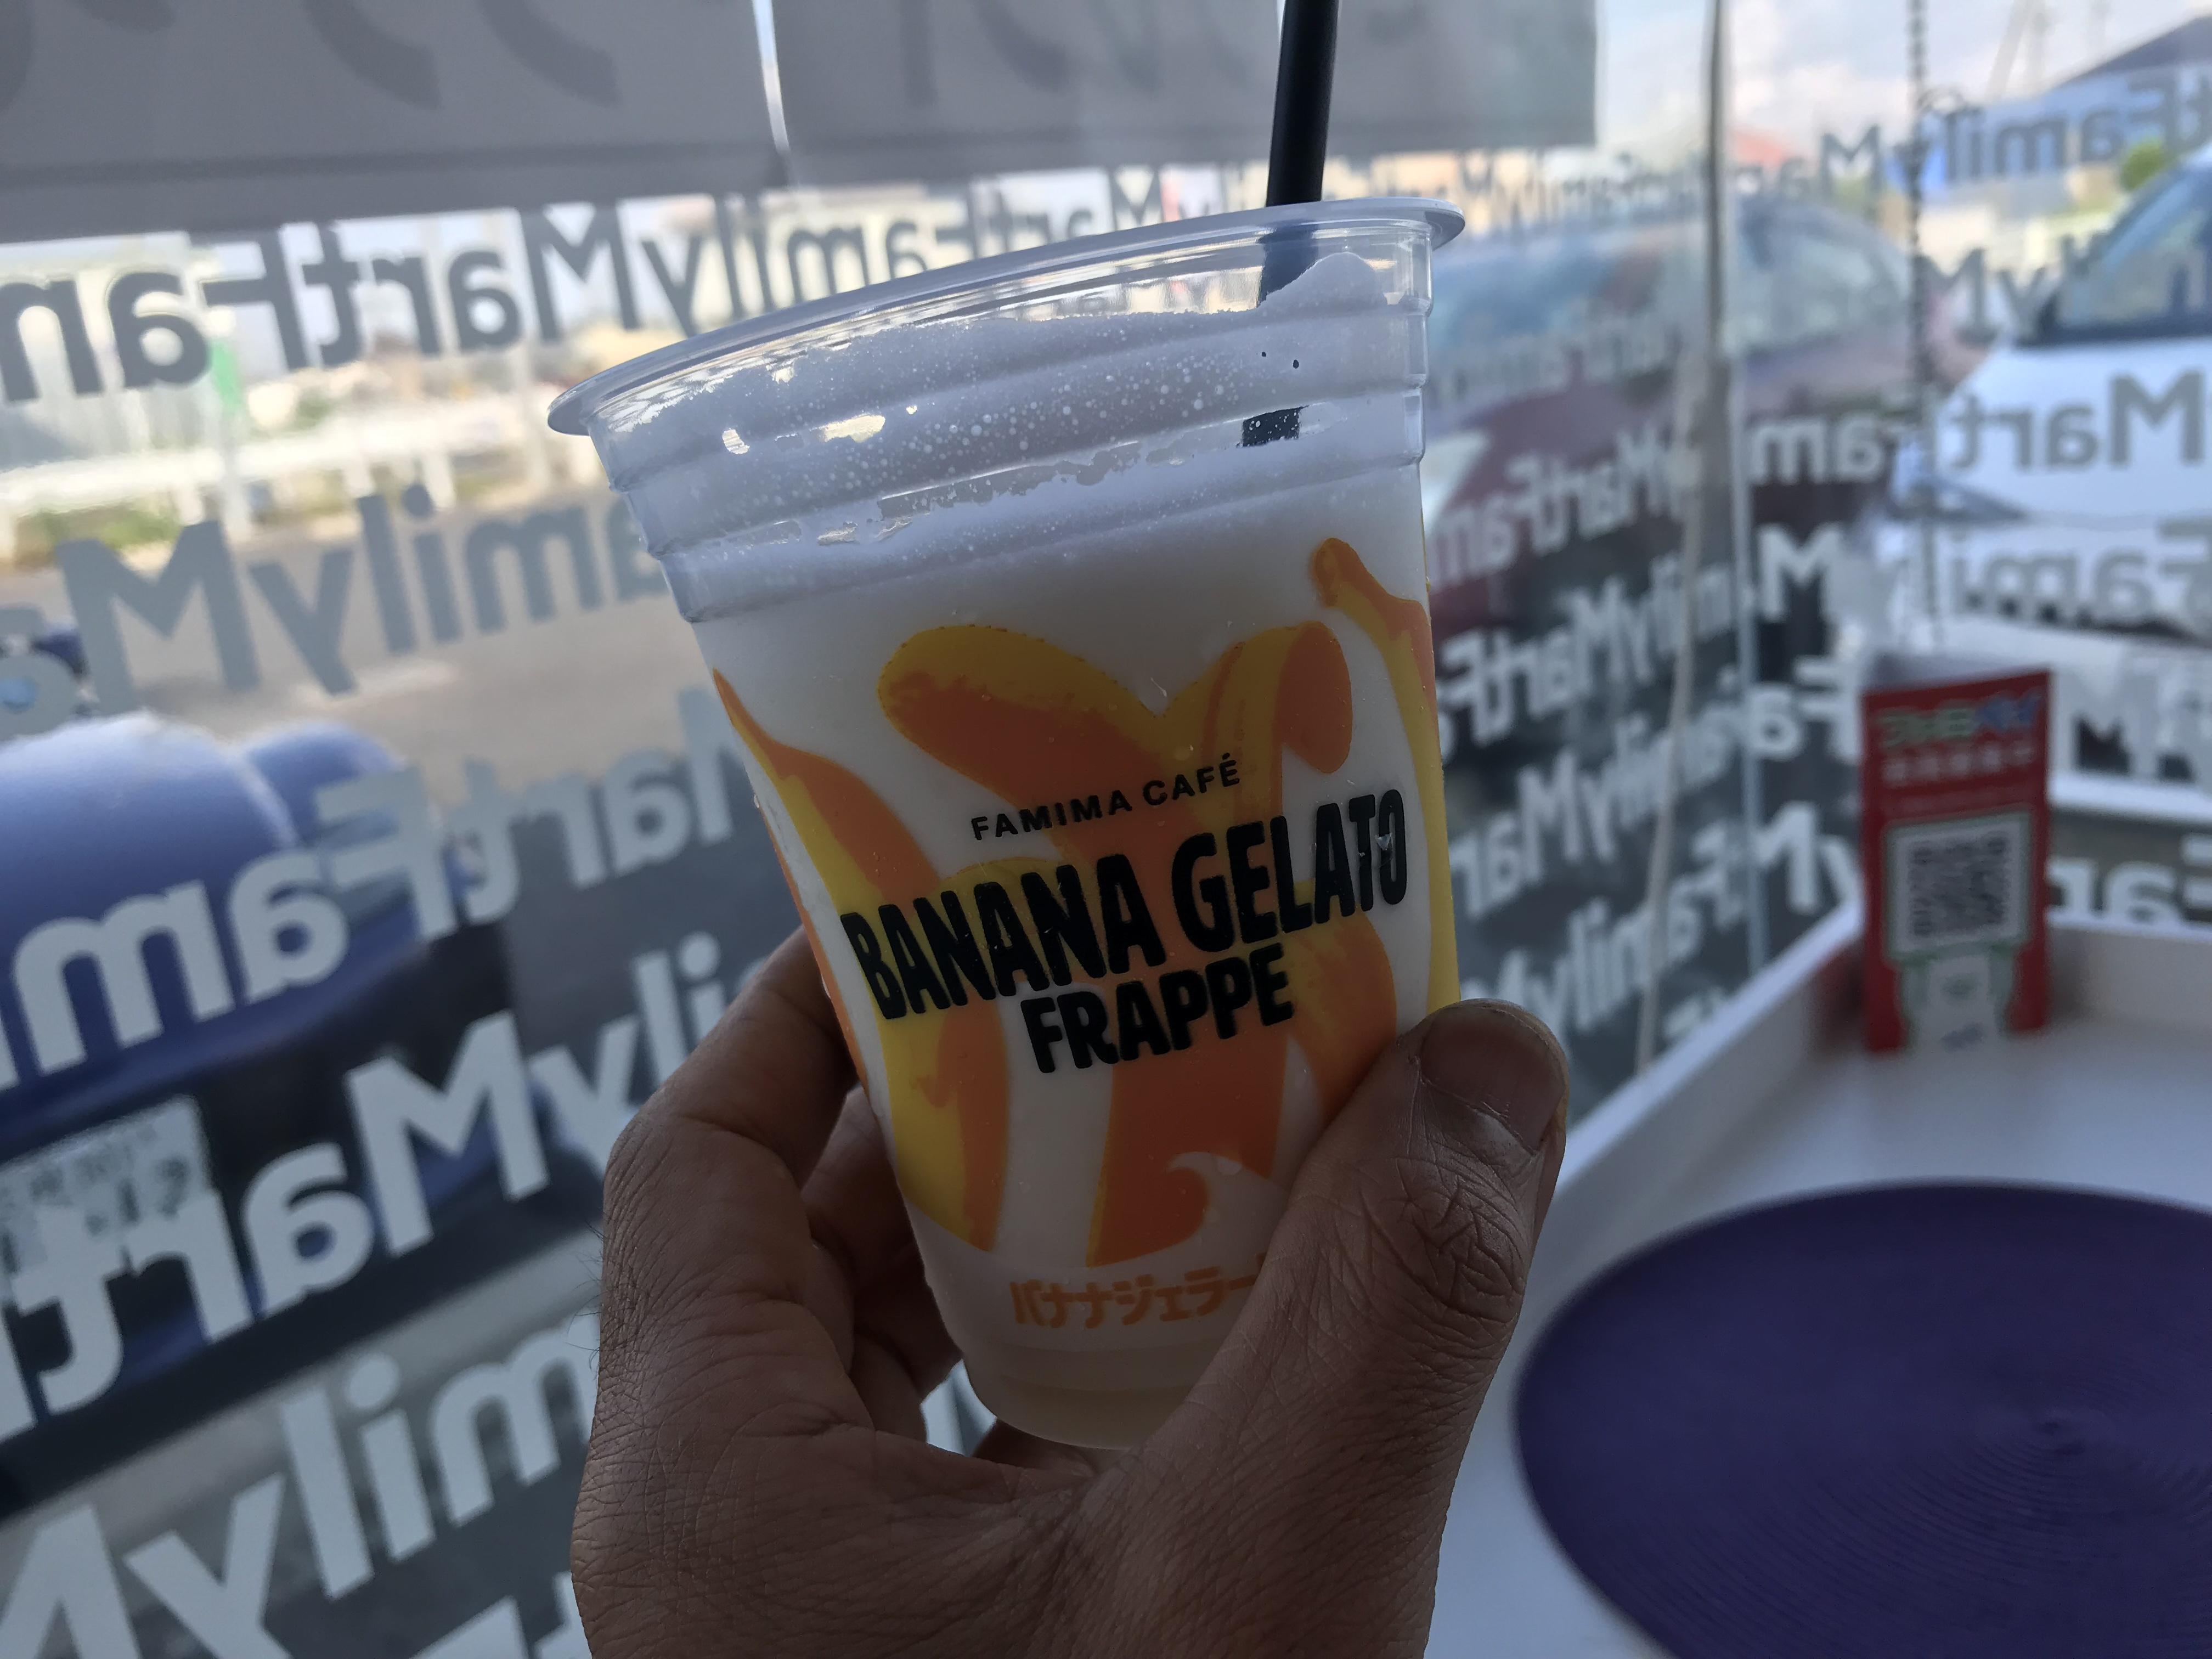 ファミマのバナナジェラートフラッペがアプリクーポンとd払いで半額以下に!